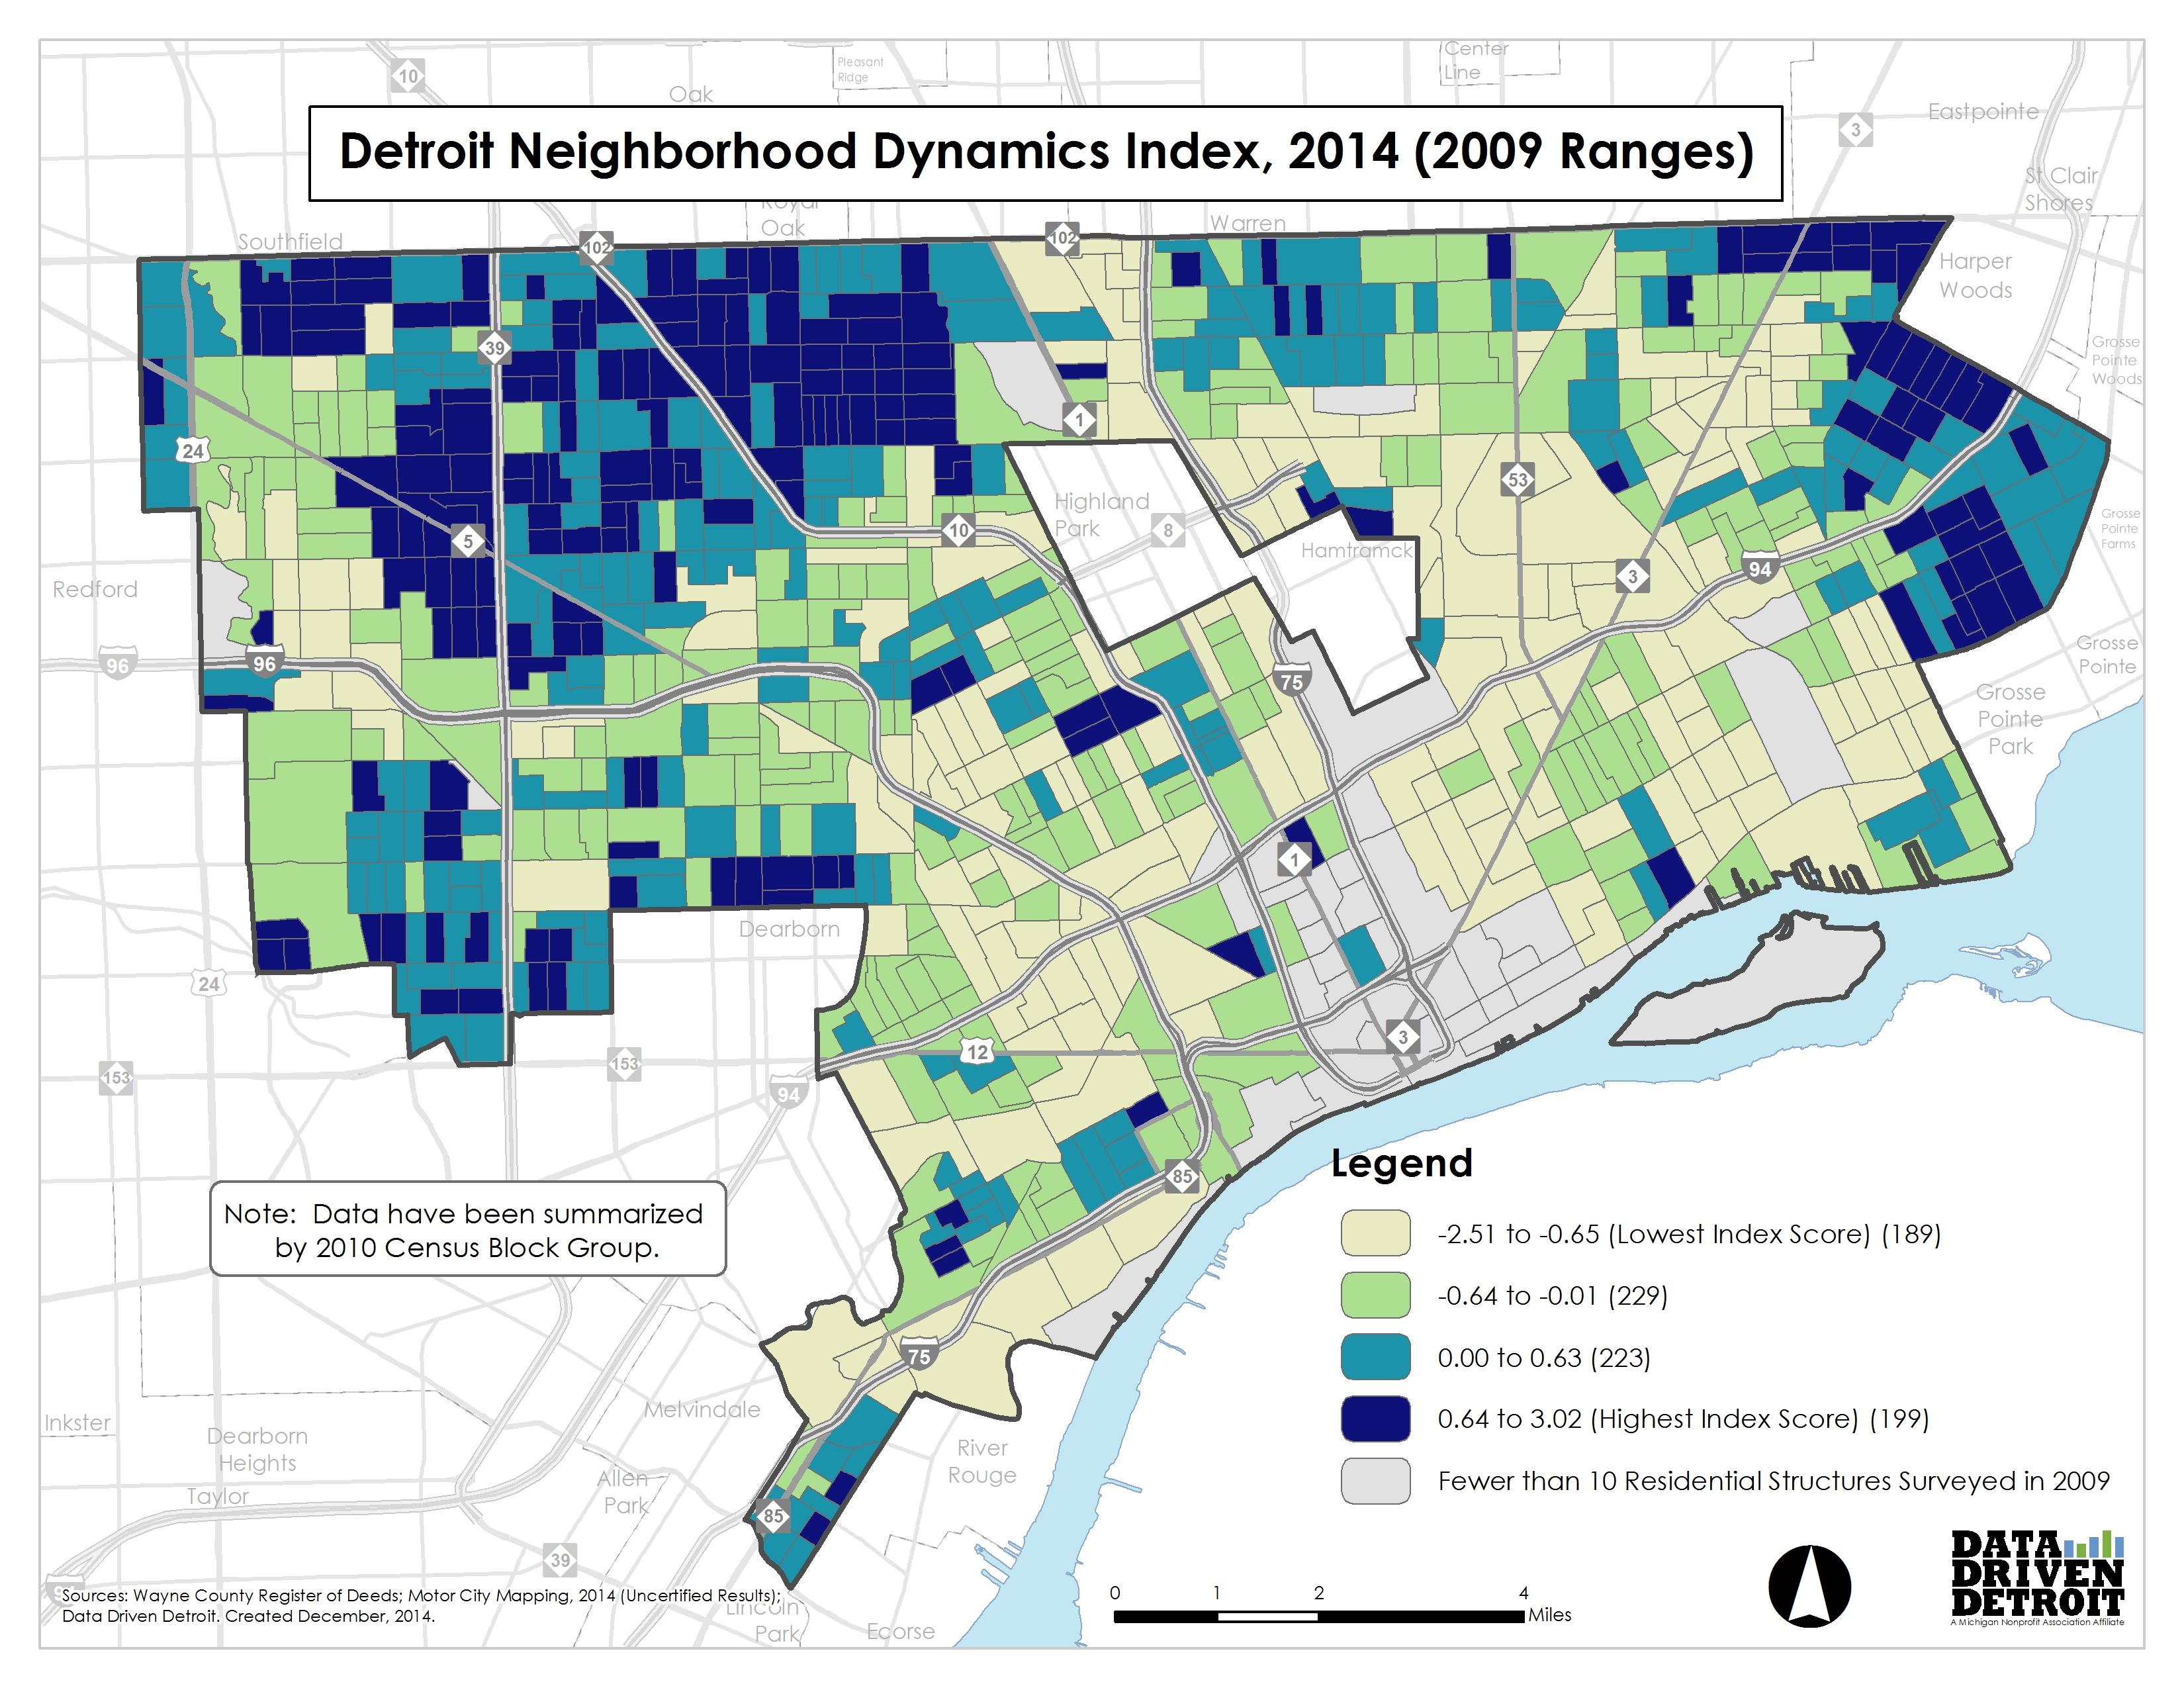 City of Change: Dynamics and Impact Potential in Detroit's ... Detroit Neighborhood Map on detroit development, detroit seafood market, detroit construction, detroit hood, detroit at night, detroit fist, detroit parks, detroit michigan neighborhoods, detroit ghetto people, detroit neighborhoods in the sixties, detroit neighborhoods to avoid, detroit city limits, baltimore ghetto map, detroit wasteland, detroit 1970s, detroit international riverfront, detroit cass technical high school, detroit potholes, detroit crime stats,